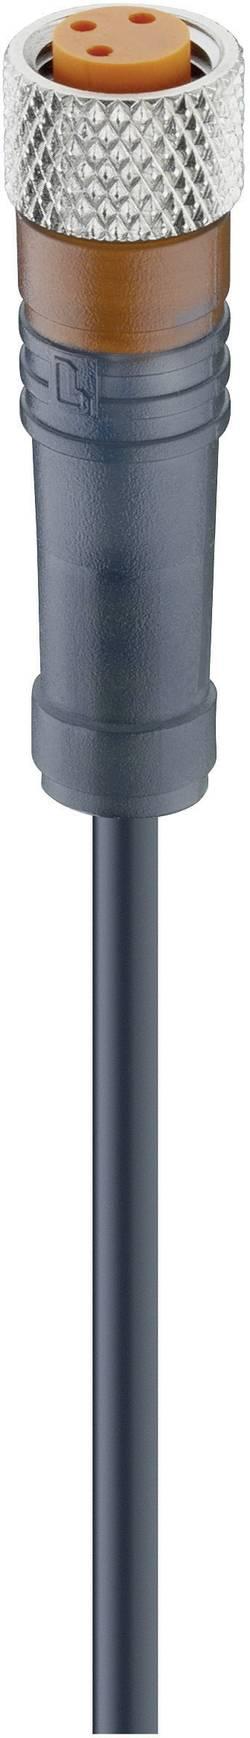 Câble de raccordement capteur/actionneur, M8 femelle, droit Lumberg Automation RKMV 3-224/5 M 12955 Conditionnement: 1